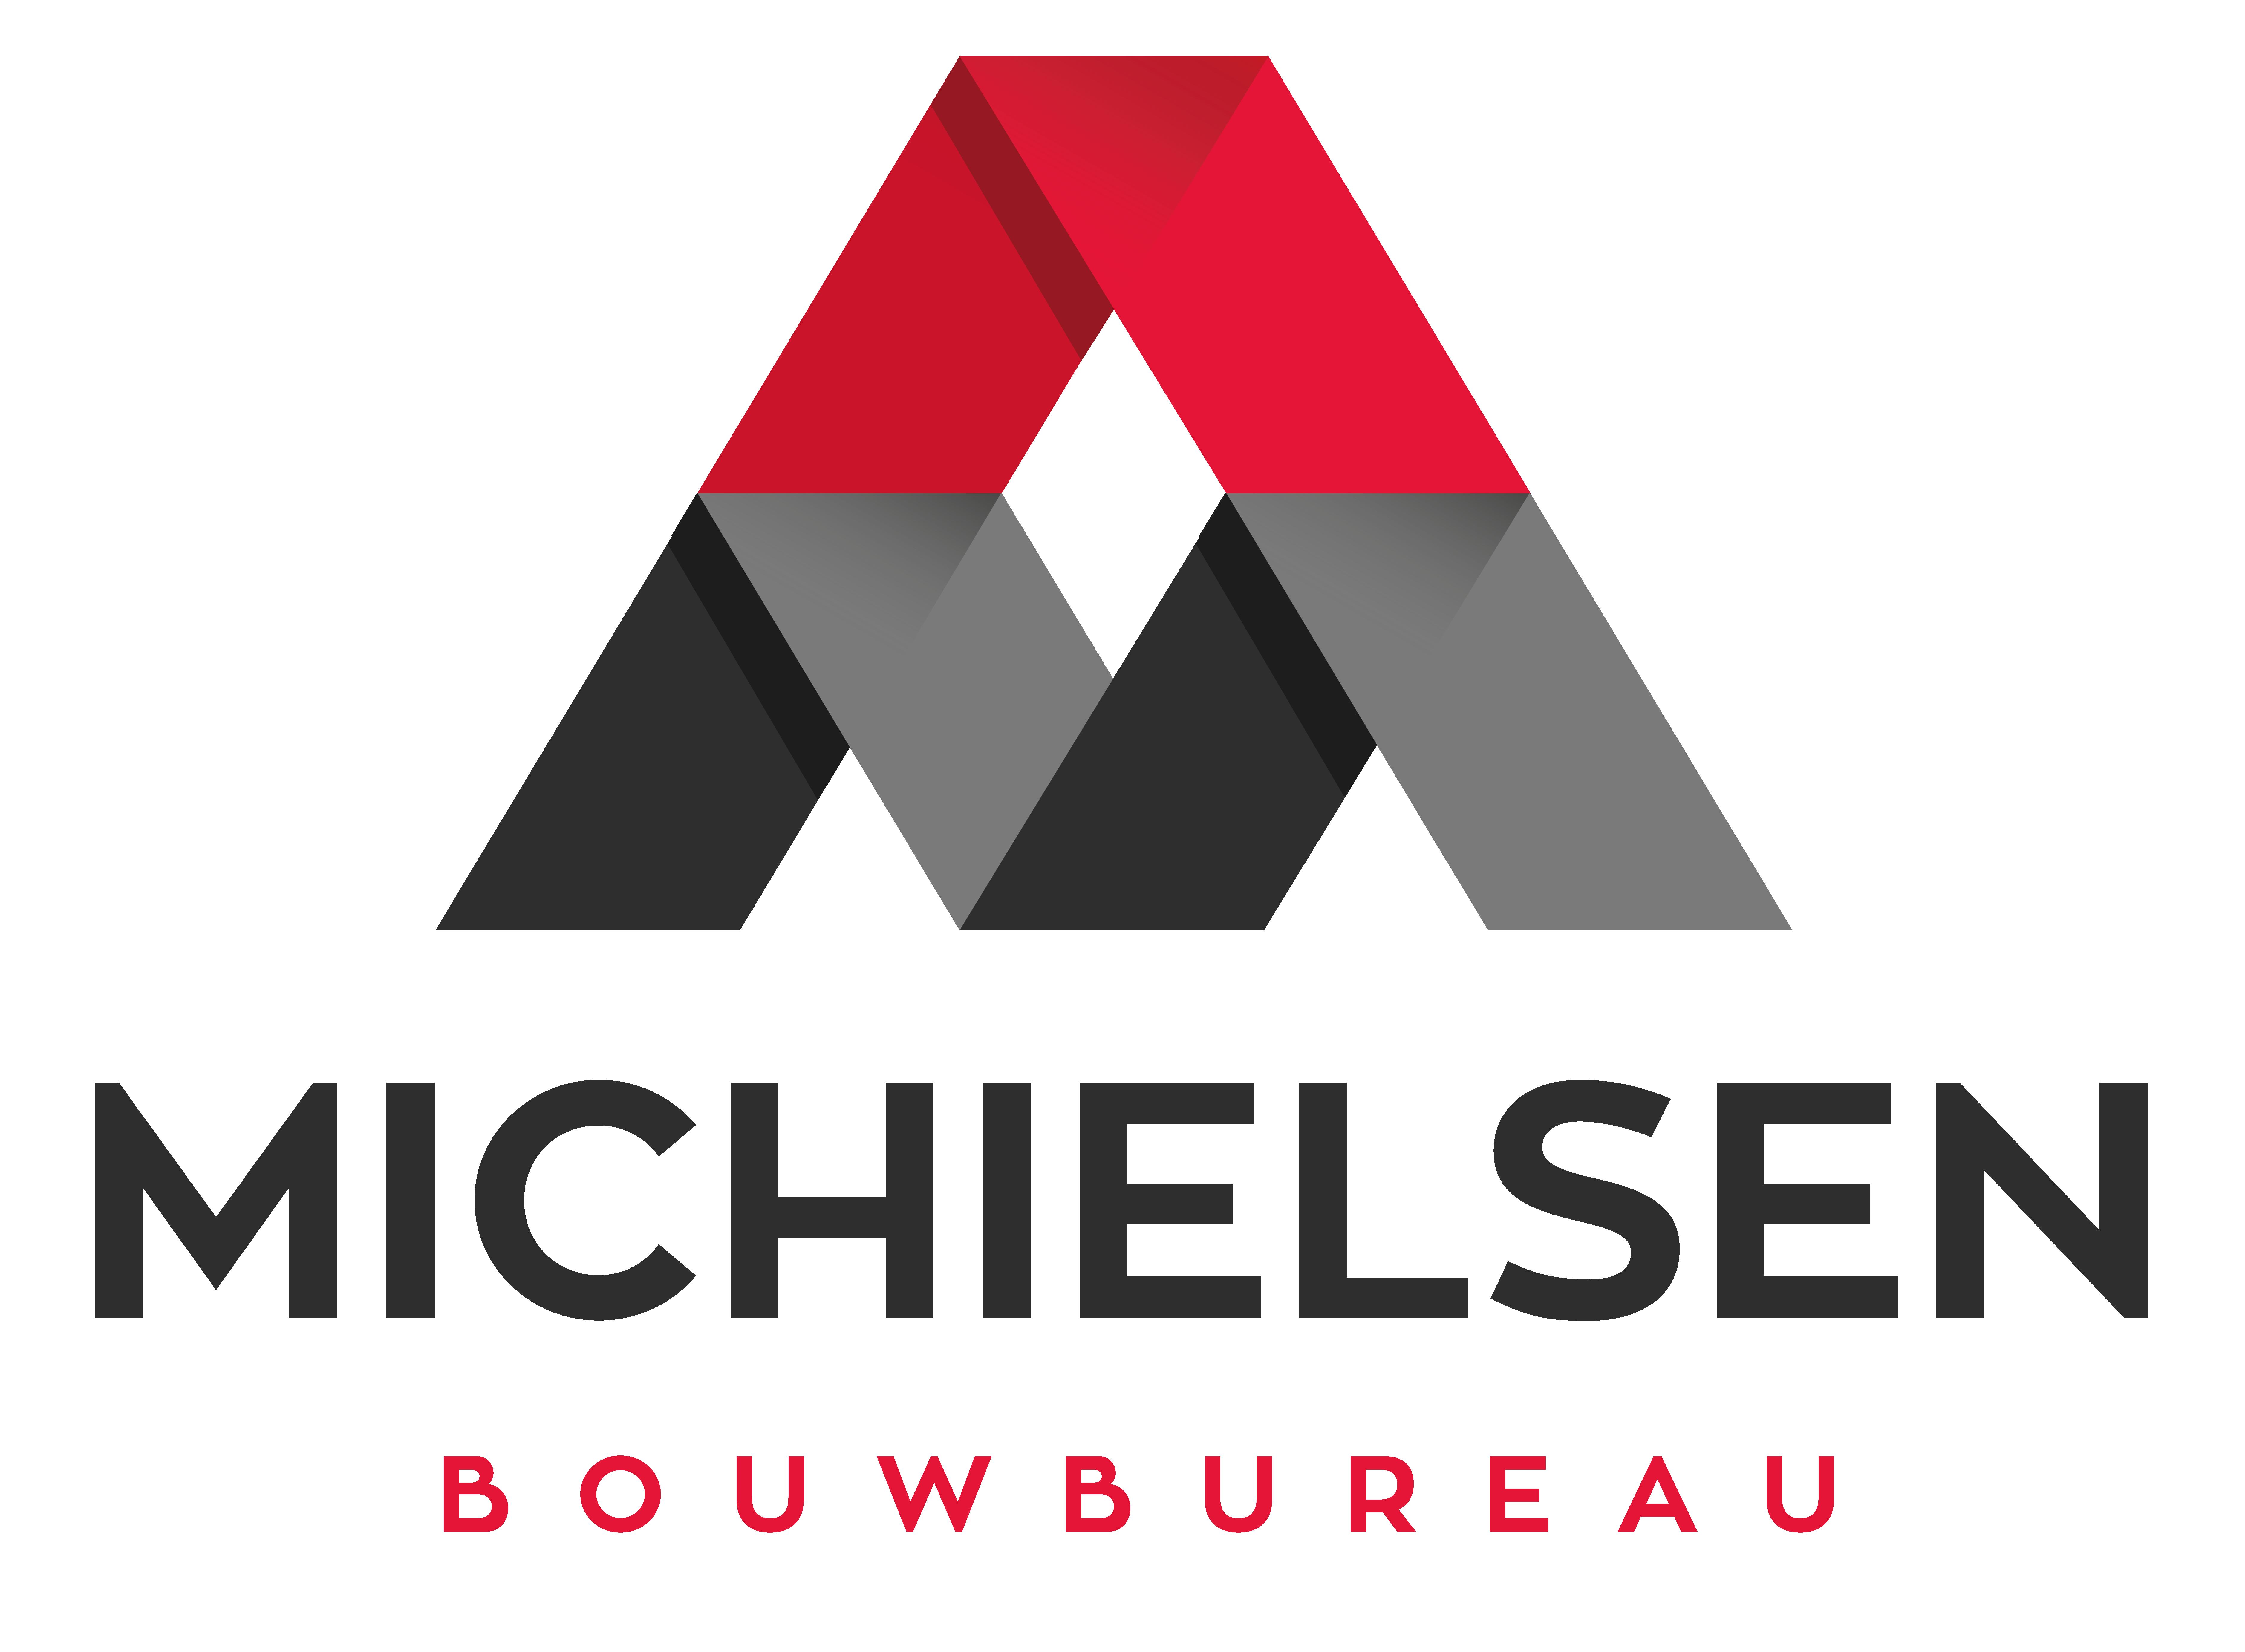 Michielsen-bouwbedrijf.png